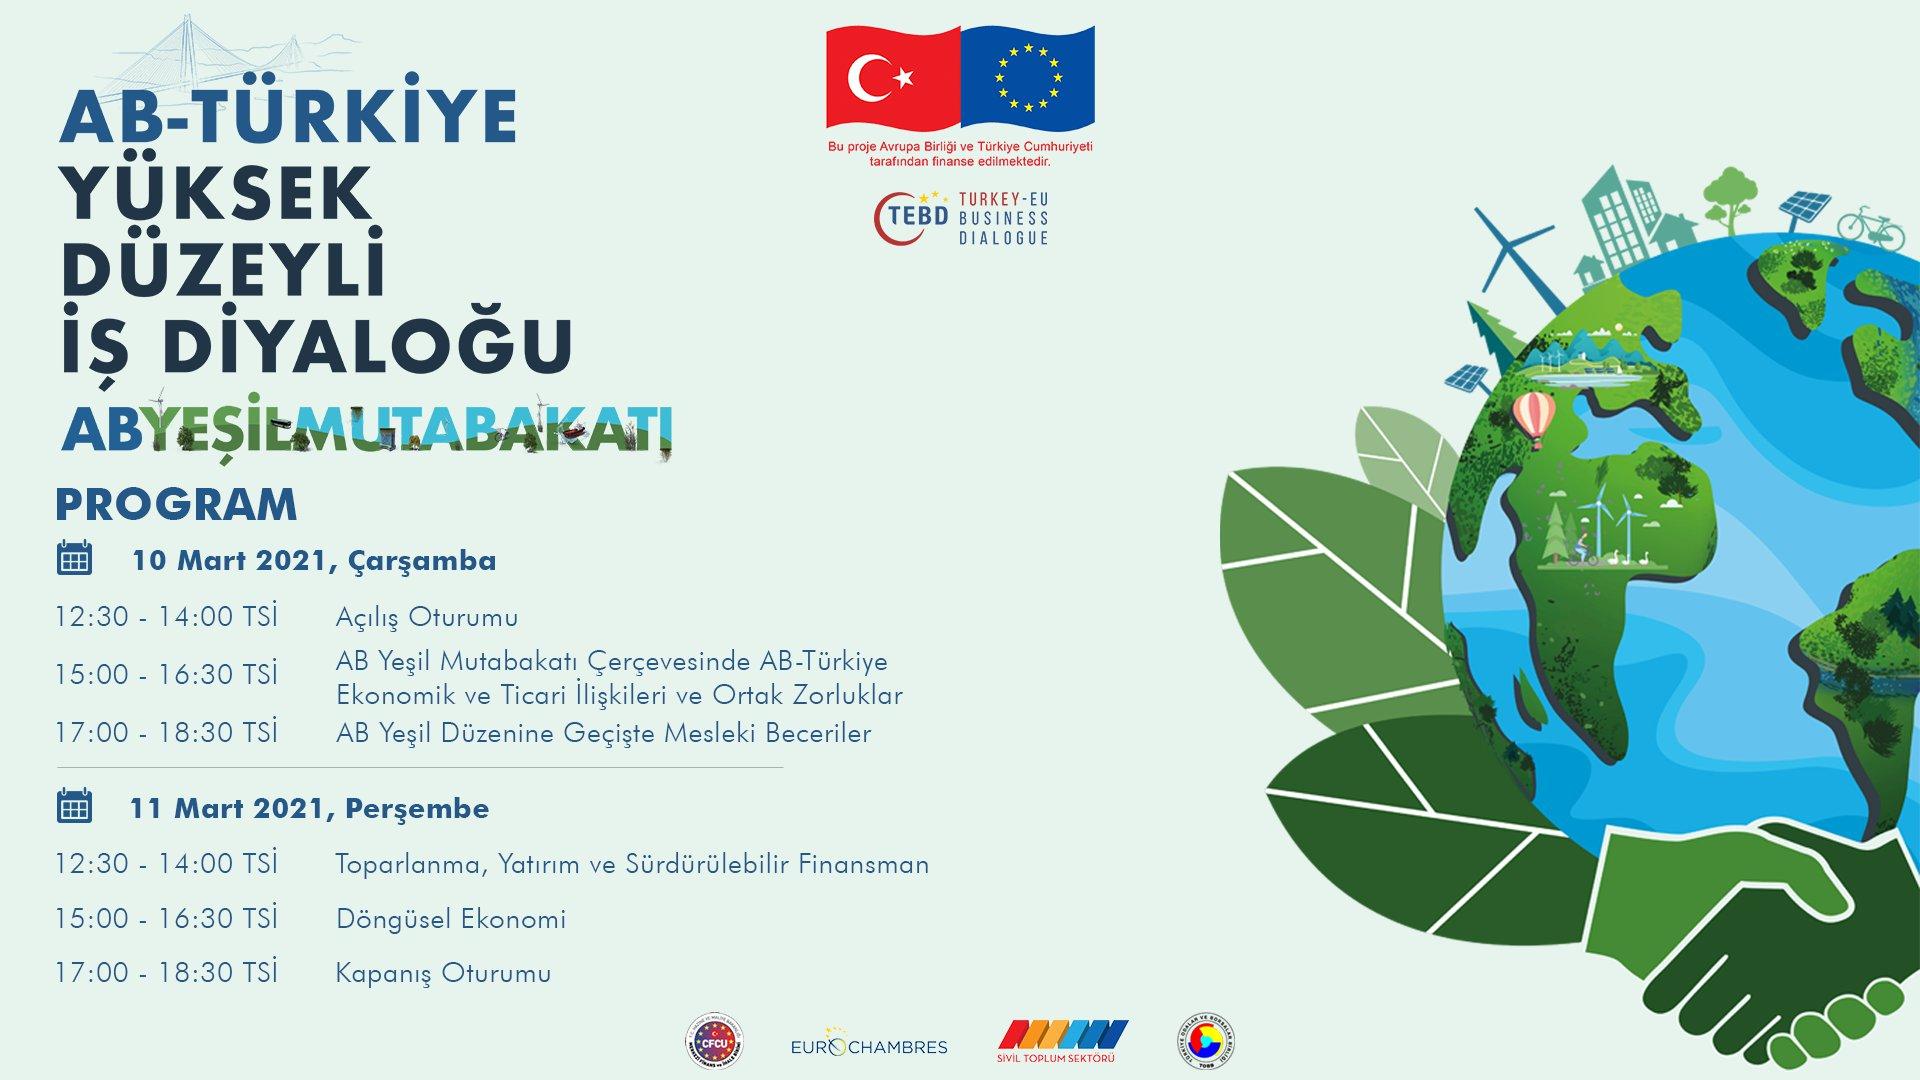 Türkiye-AB Yüksek Düzeyli İş Diyaloğu